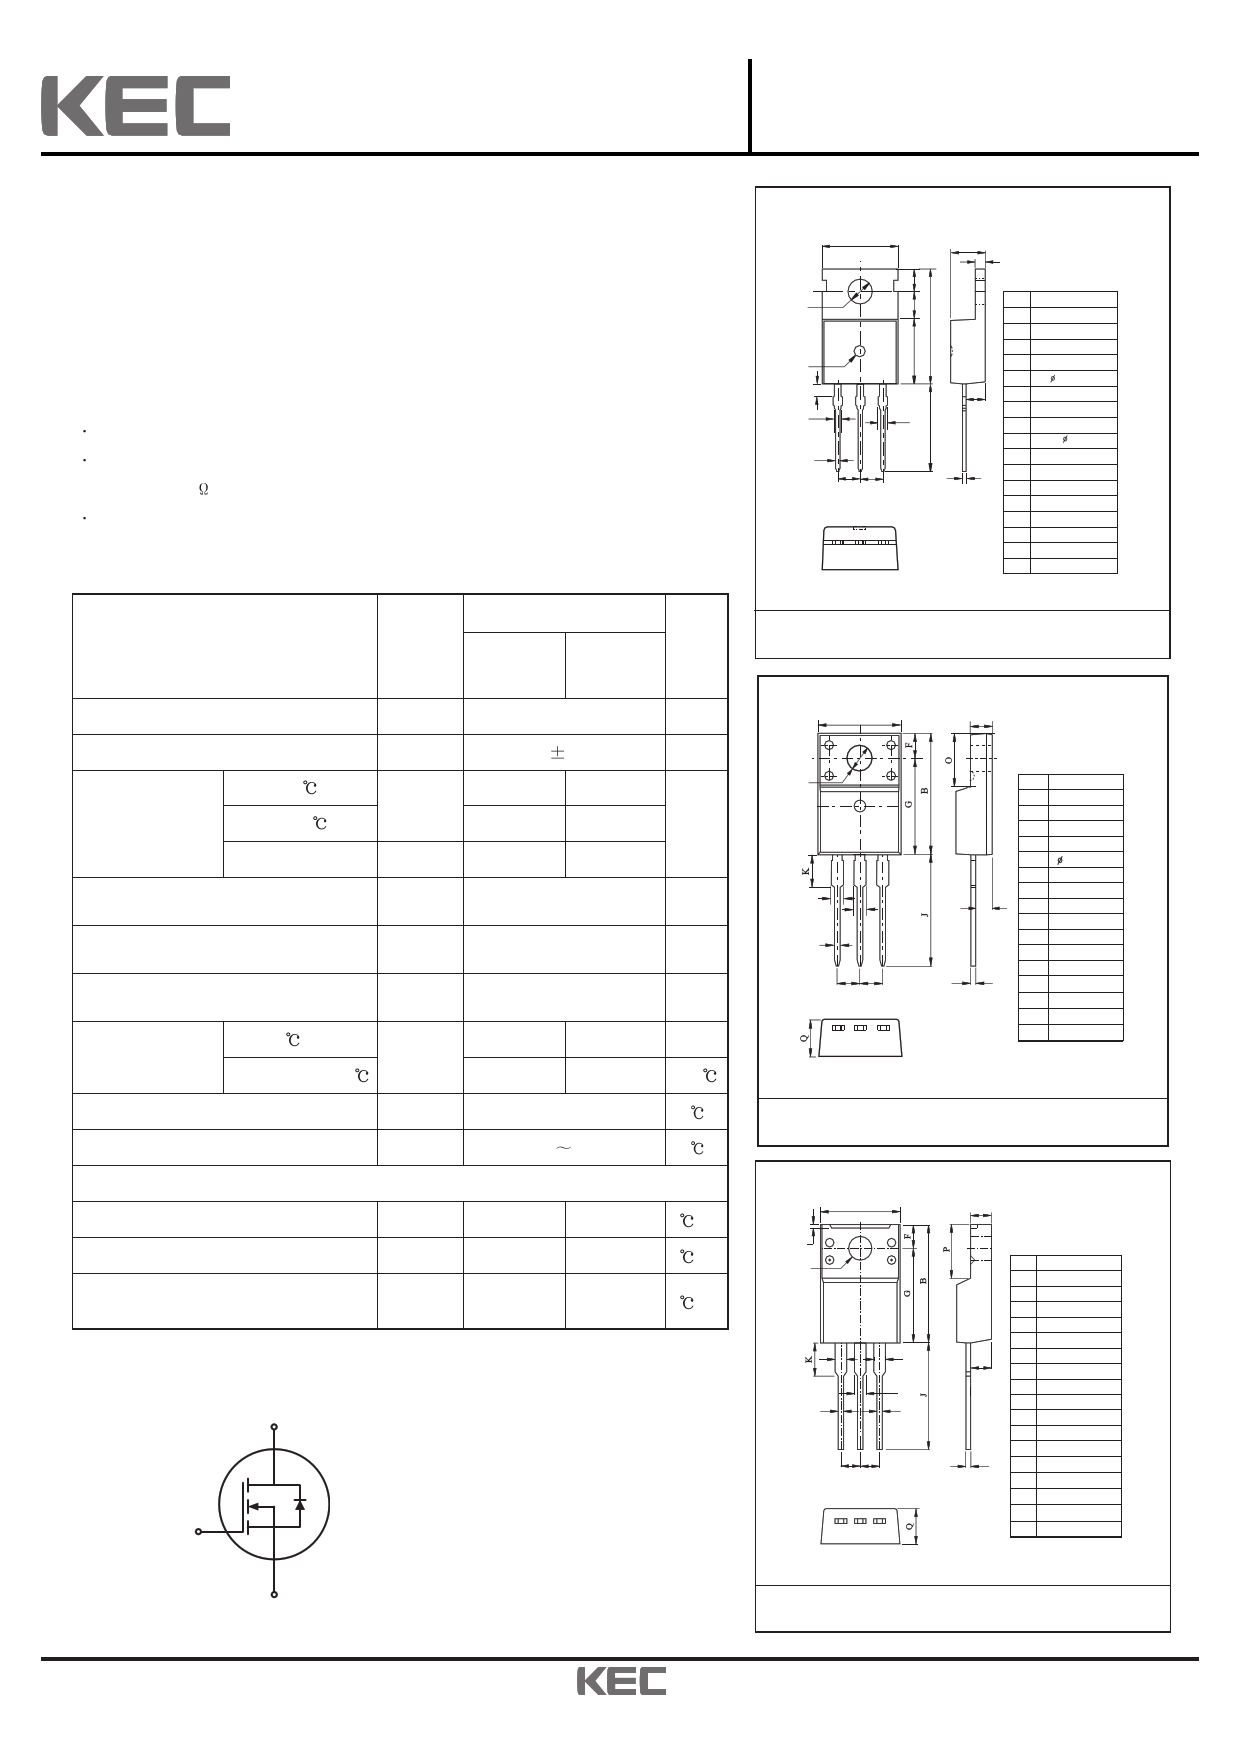 011N40P1 데이터시트 및 011N40P1 PDF